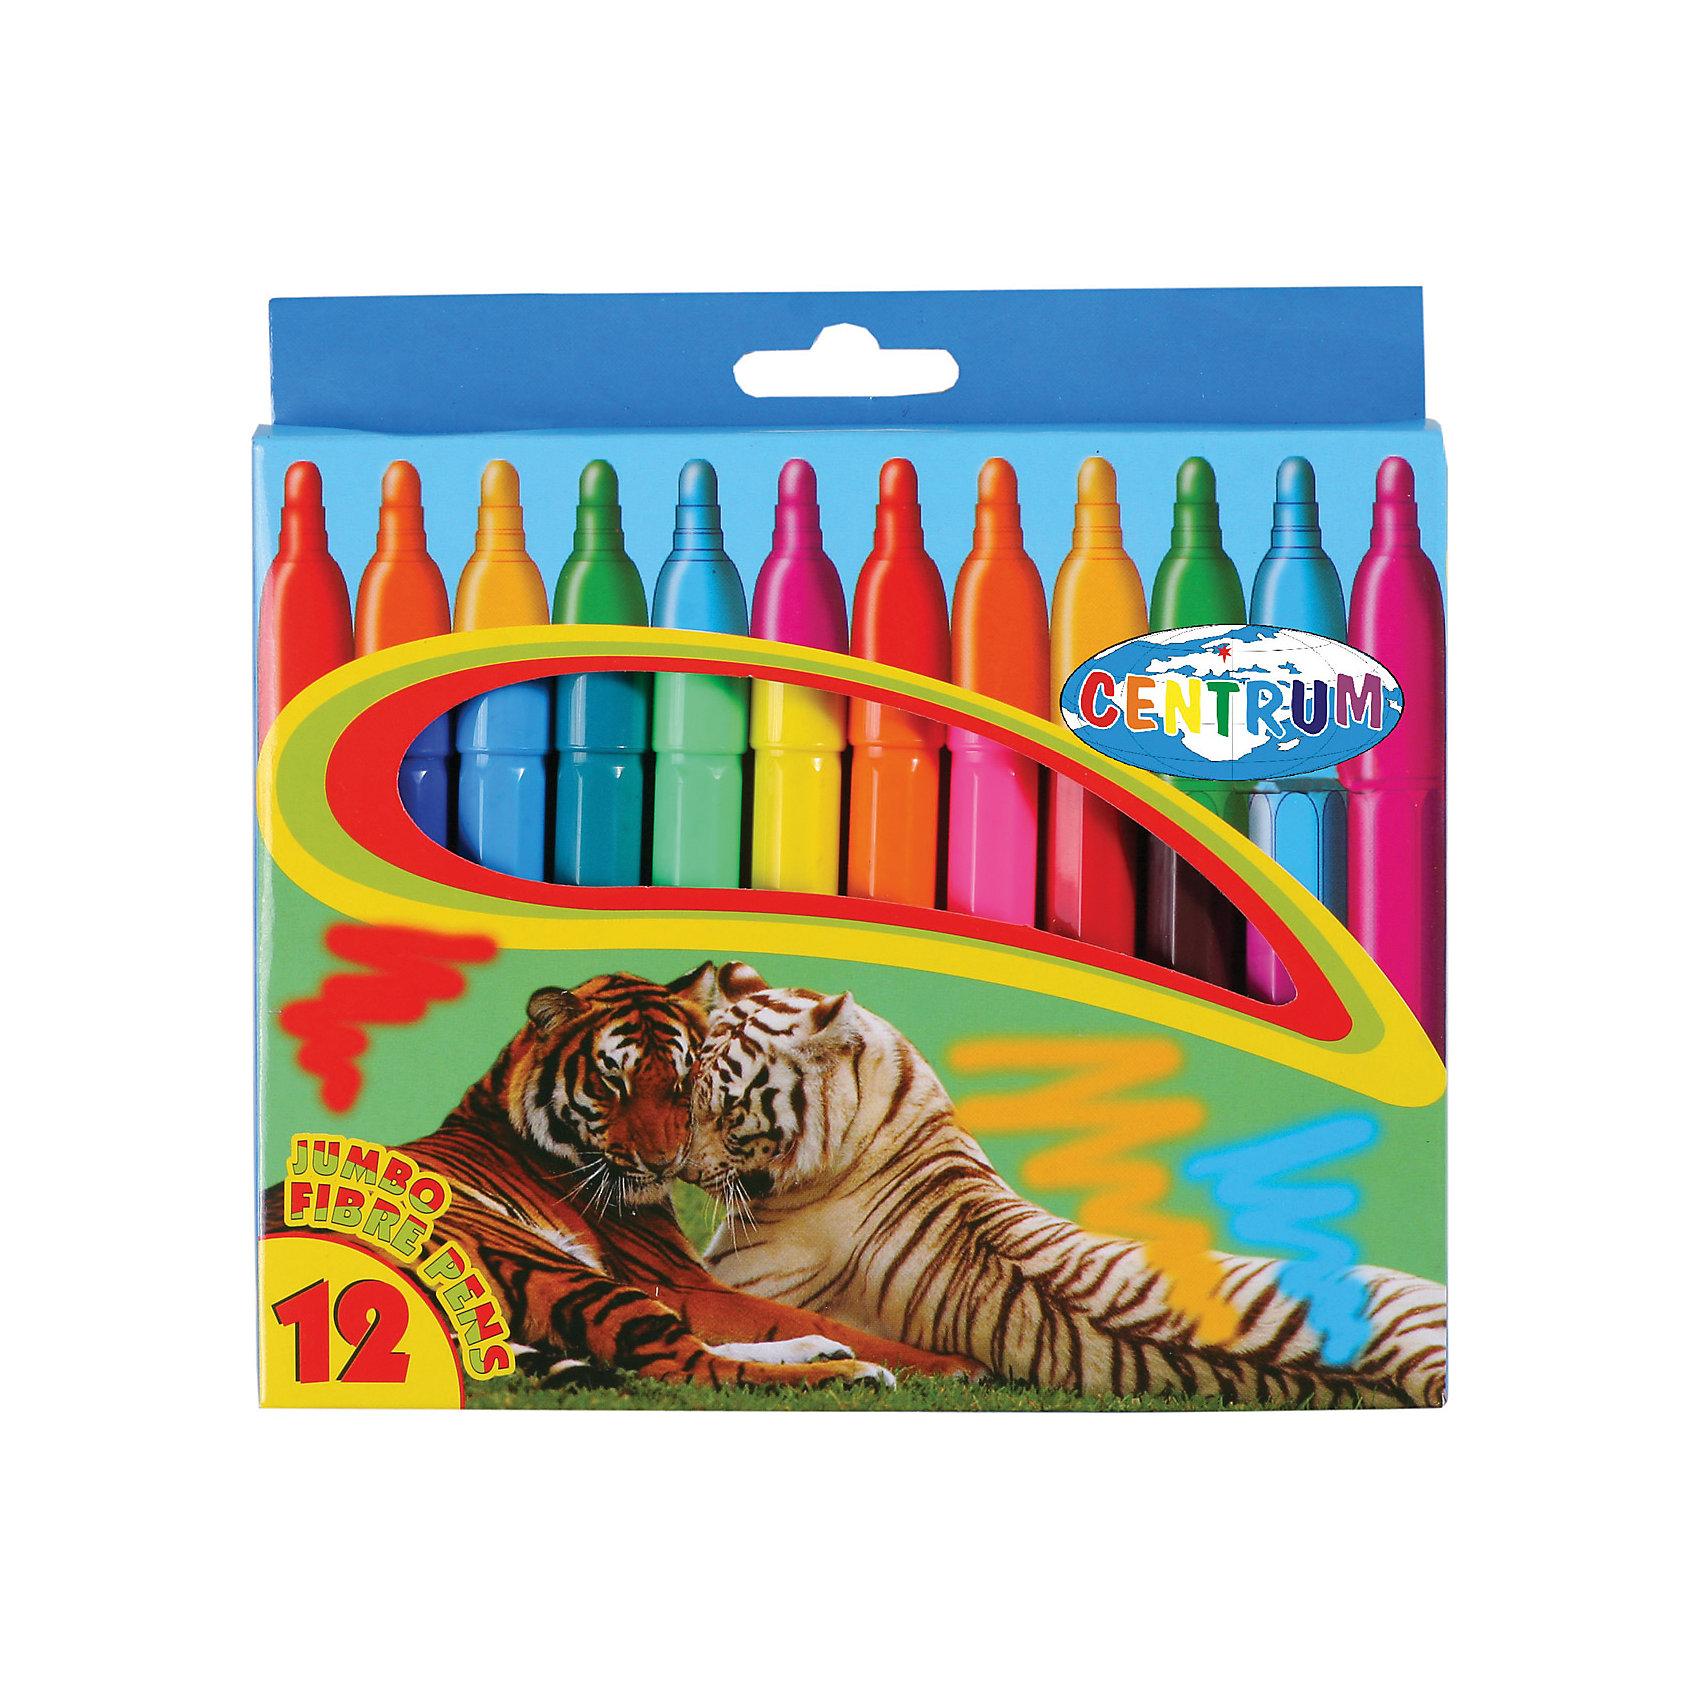 Фломастеры JUMBO, 12 цветовФломастеры<br>Фломастеры JUMBO, 12 цветов<br><br>Характеристики:<br><br>- в набор входит: 12 фломастеров<br>- состав: пластик, краска<br>- длина фломастера: 13,5 см.; диаметр: 1,2 см.<br>- размер упаковки: 18,5 * 2 * 20 см.<br>- вес: 160 г.<br>- для детей в возрасте: от 3 до 6 лет<br>- страна производитель: Китай<br><br>Набор крупных ярких фломастеров на водной основе от немецкого бренда Centrum (Центрум) придет по вкусу начинающим художникам. Яркие рисунки на упаковке вдохновляют на новые шедевры. Рисунок фломастерами ложится на бумагу, картон, дерево. Яркие и насыщенные линии сделают рисунок неповторимым. Кроме рисования, фломастеры отлично подойдут для графического оформления. Пластиковый корпус фломастеров с вентилируемым колпачком удобно ложится в руку. Набор включает классические двенадцать цветов, открывая просторы для творчества. Рисуя фломастерами дети развивают творческие способности, аккуратность, моторику рук, усидчивость, восприятие цвета и выражают свой внутренний мир в рисунках. <br><br>Фломастеры JUMBO, 12 цветов можно купить в нашем интернет-магазине.<br><br>Ширина мм: 185<br>Глубина мм: 170<br>Высота мм: 20<br>Вес г: 167<br>Возраст от месяцев: 36<br>Возраст до месяцев: 120<br>Пол: Унисекс<br>Возраст: Детский<br>SKU: 5175476